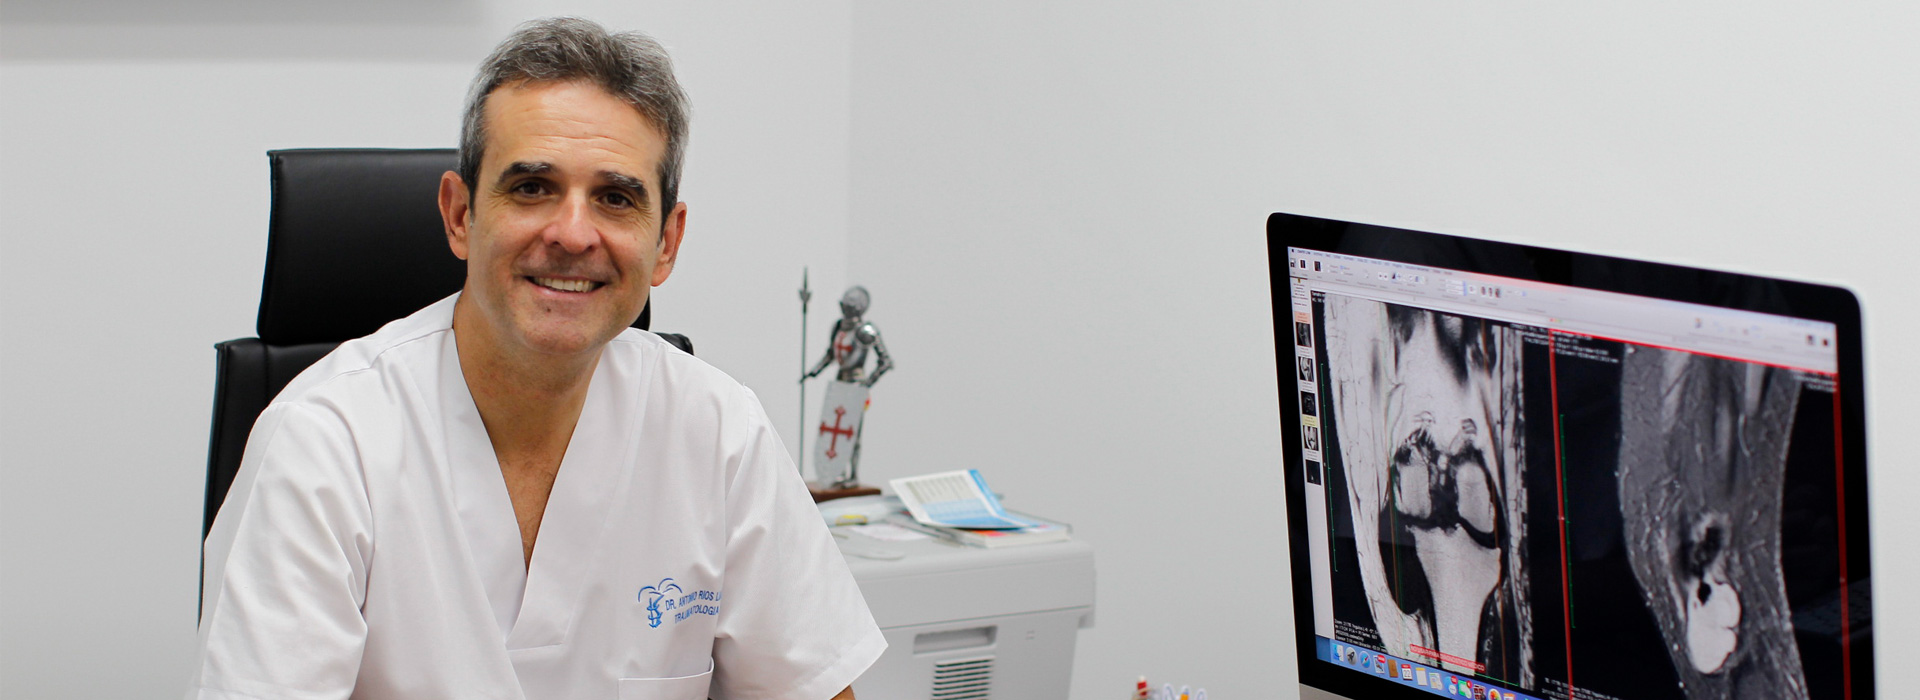 Dr. Antonio Ríos Luna